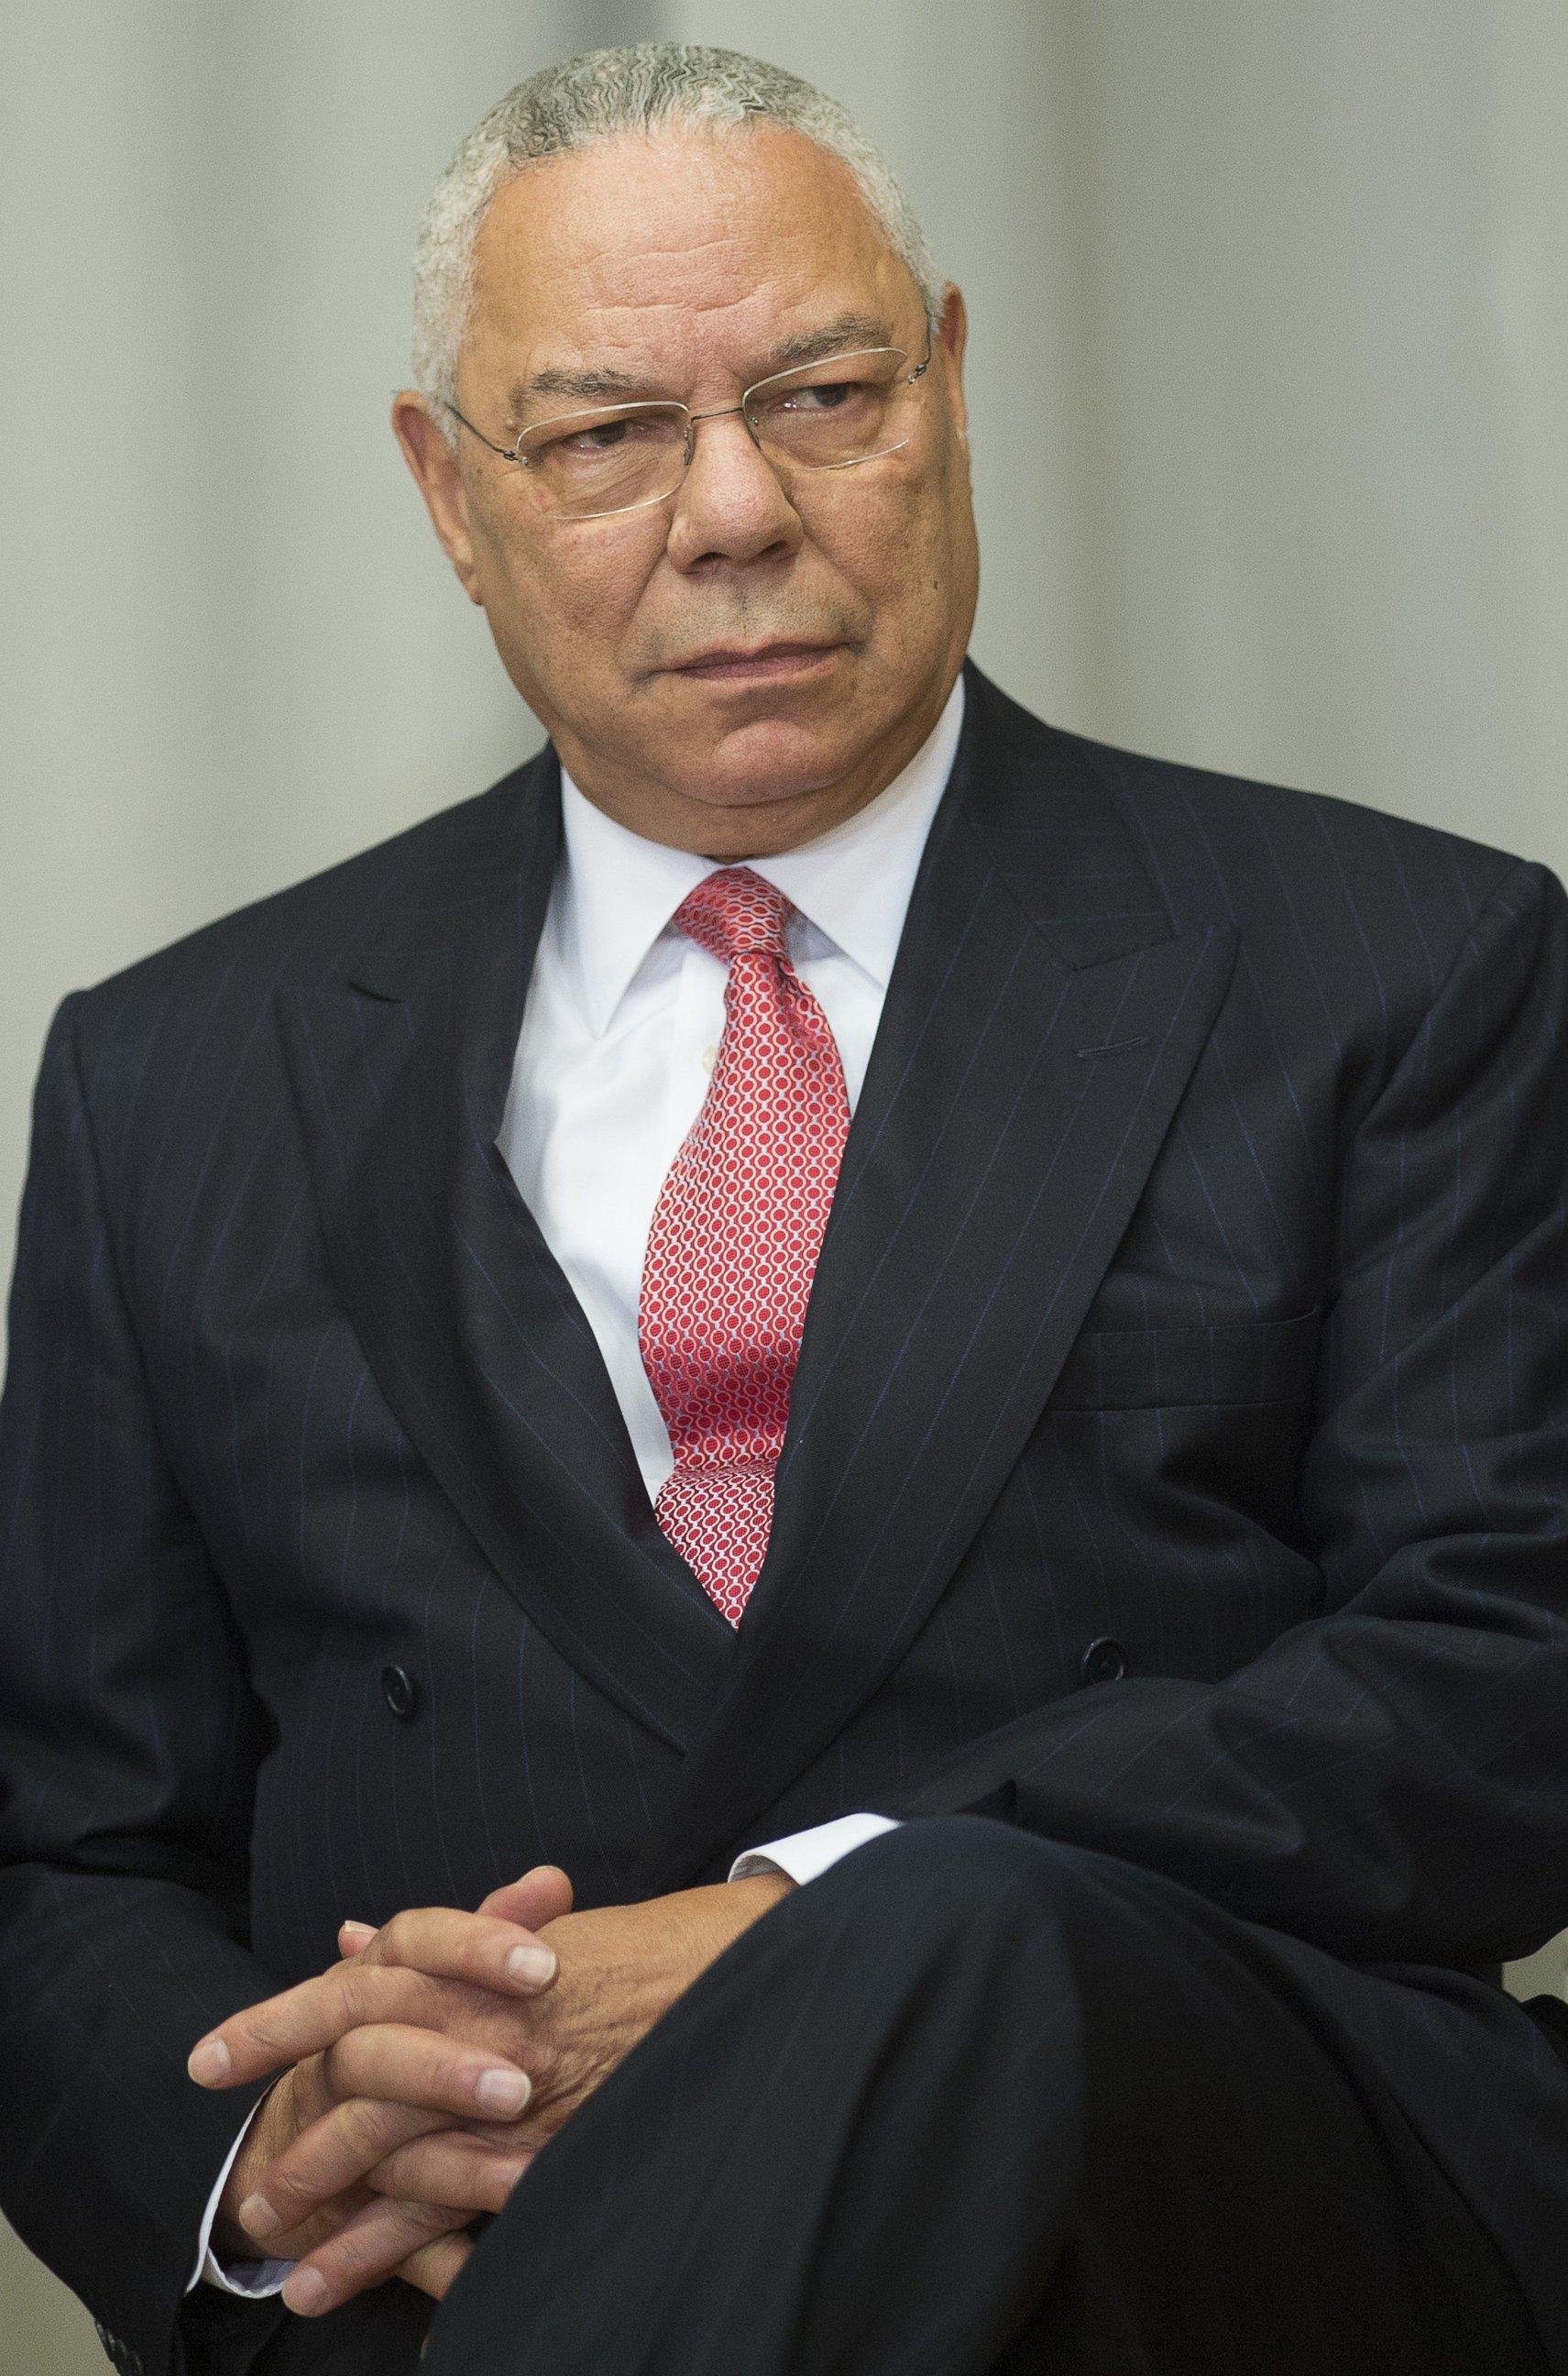 Colin Powell Photos an...